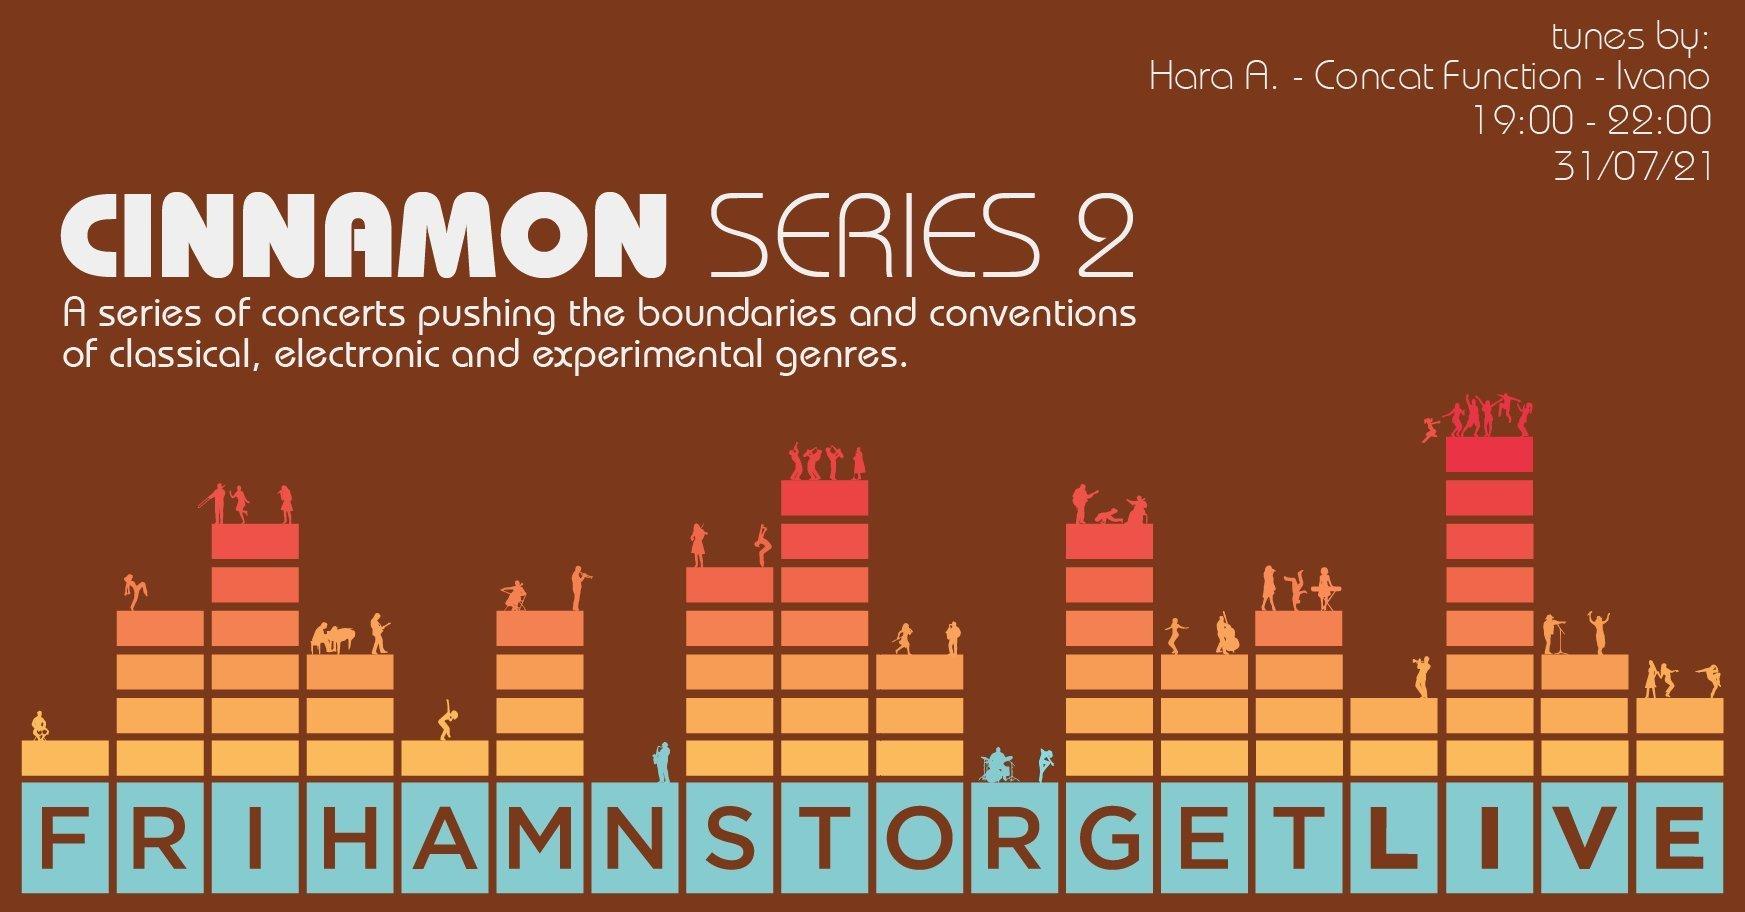 Cinnamon Series